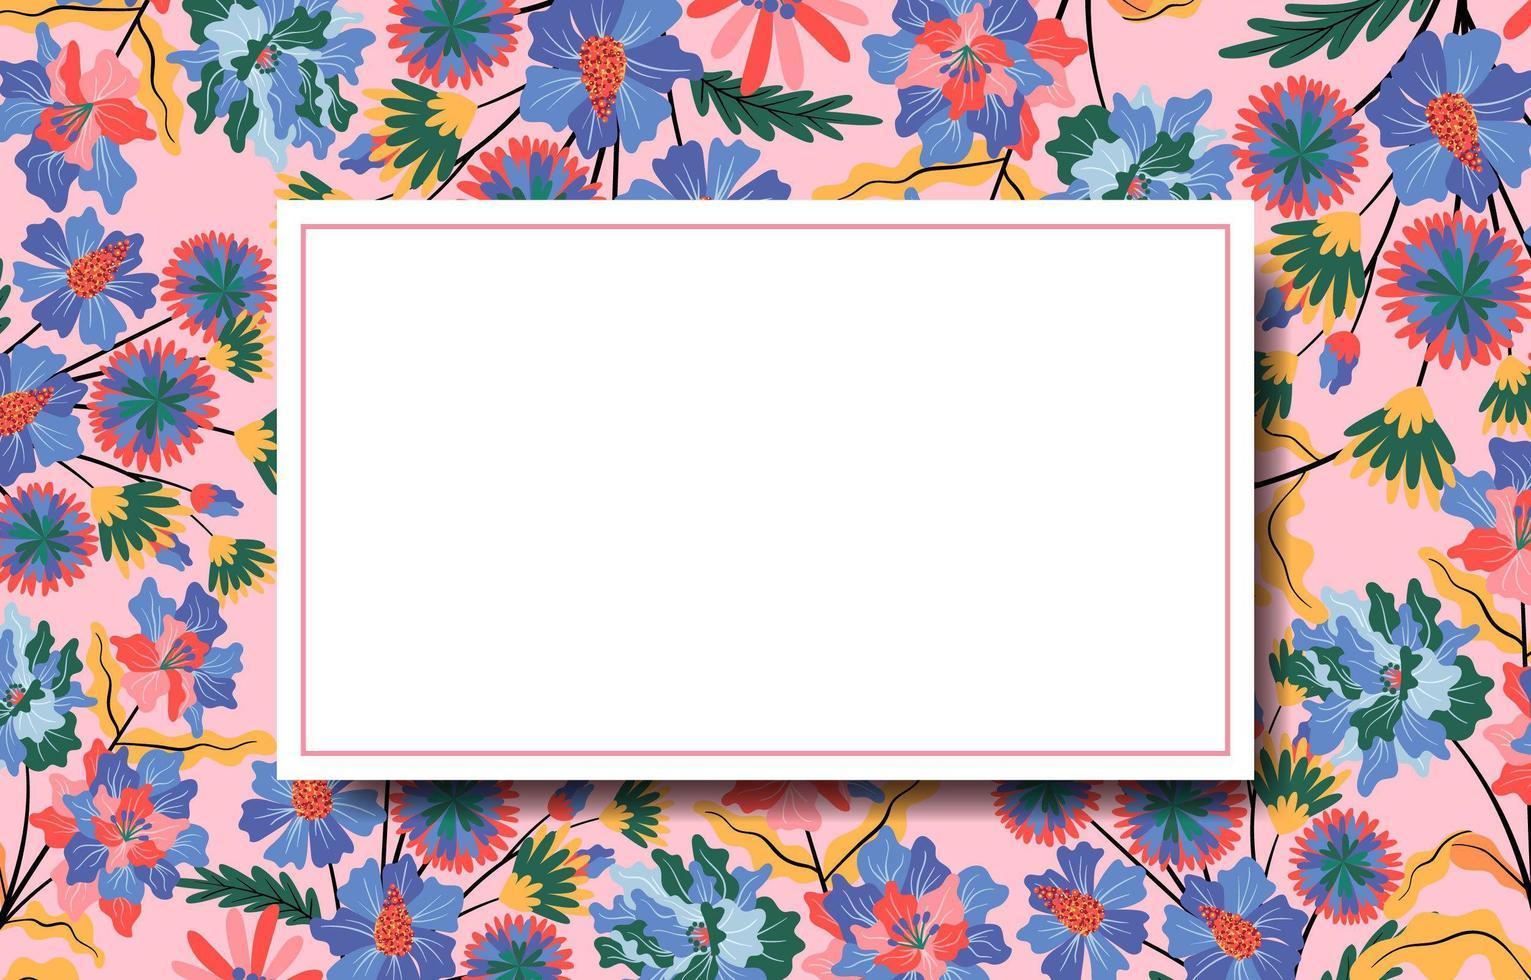 fond fleuri naturel avec cadre blanc au milieu vecteur